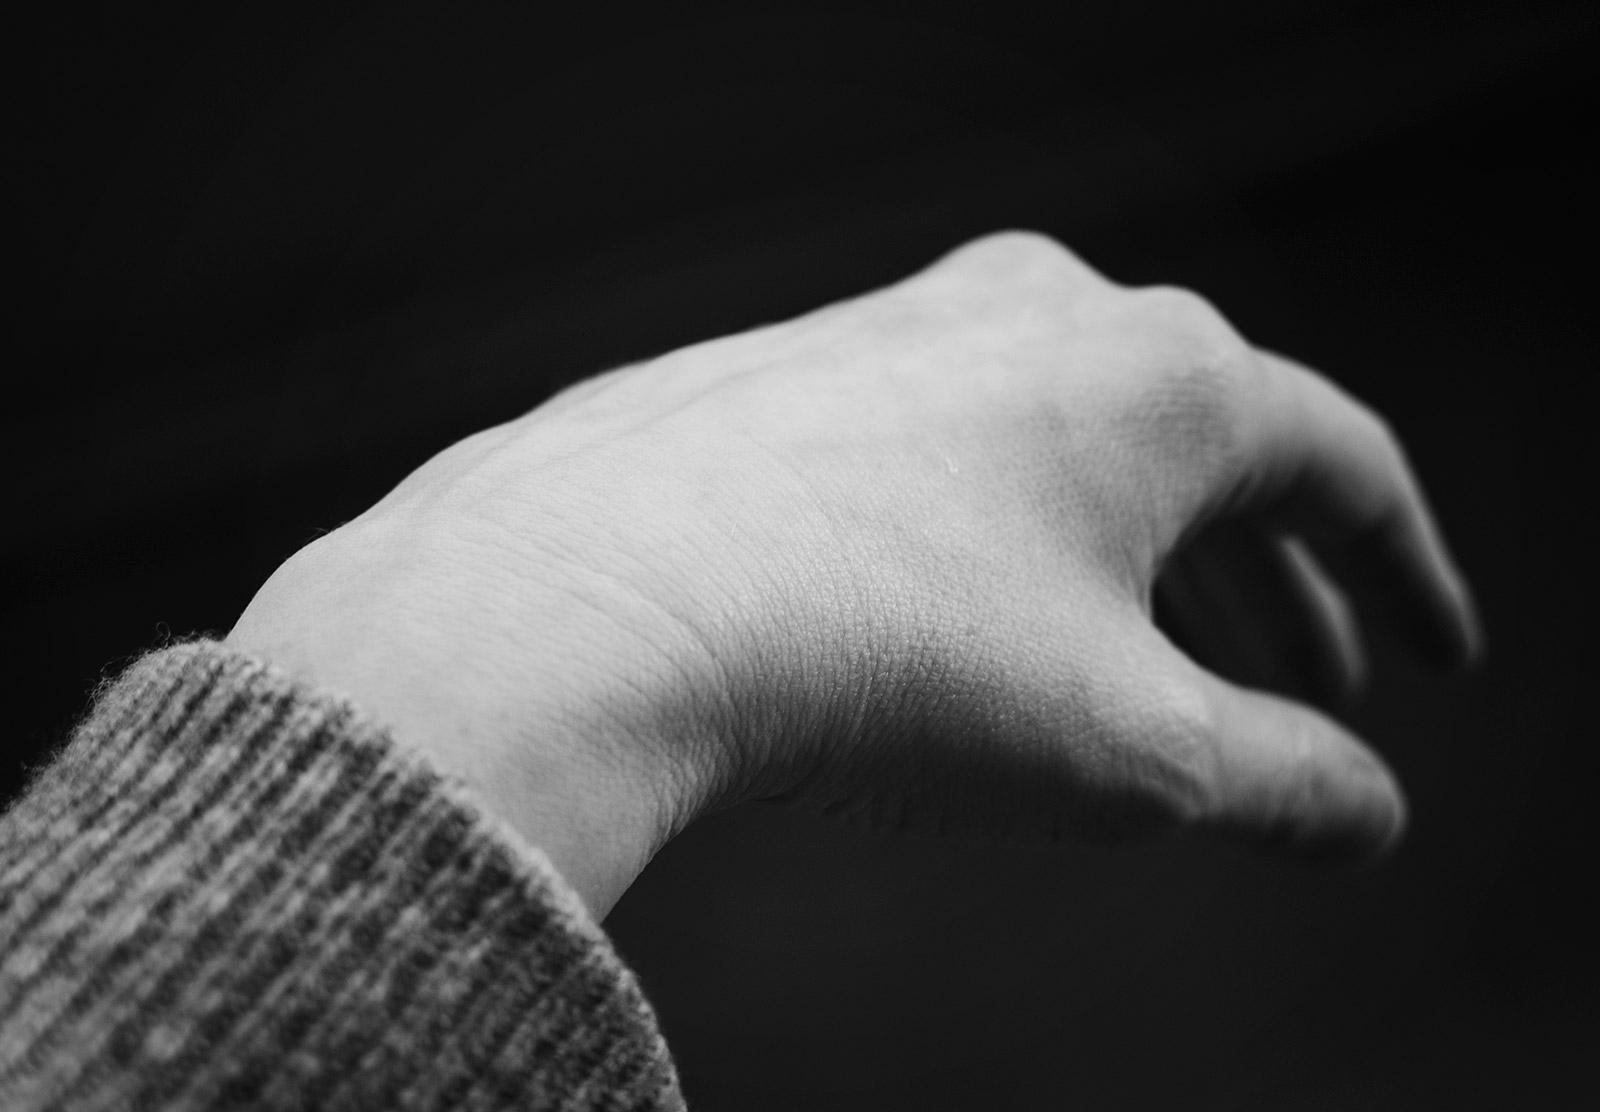 Lines on wrist